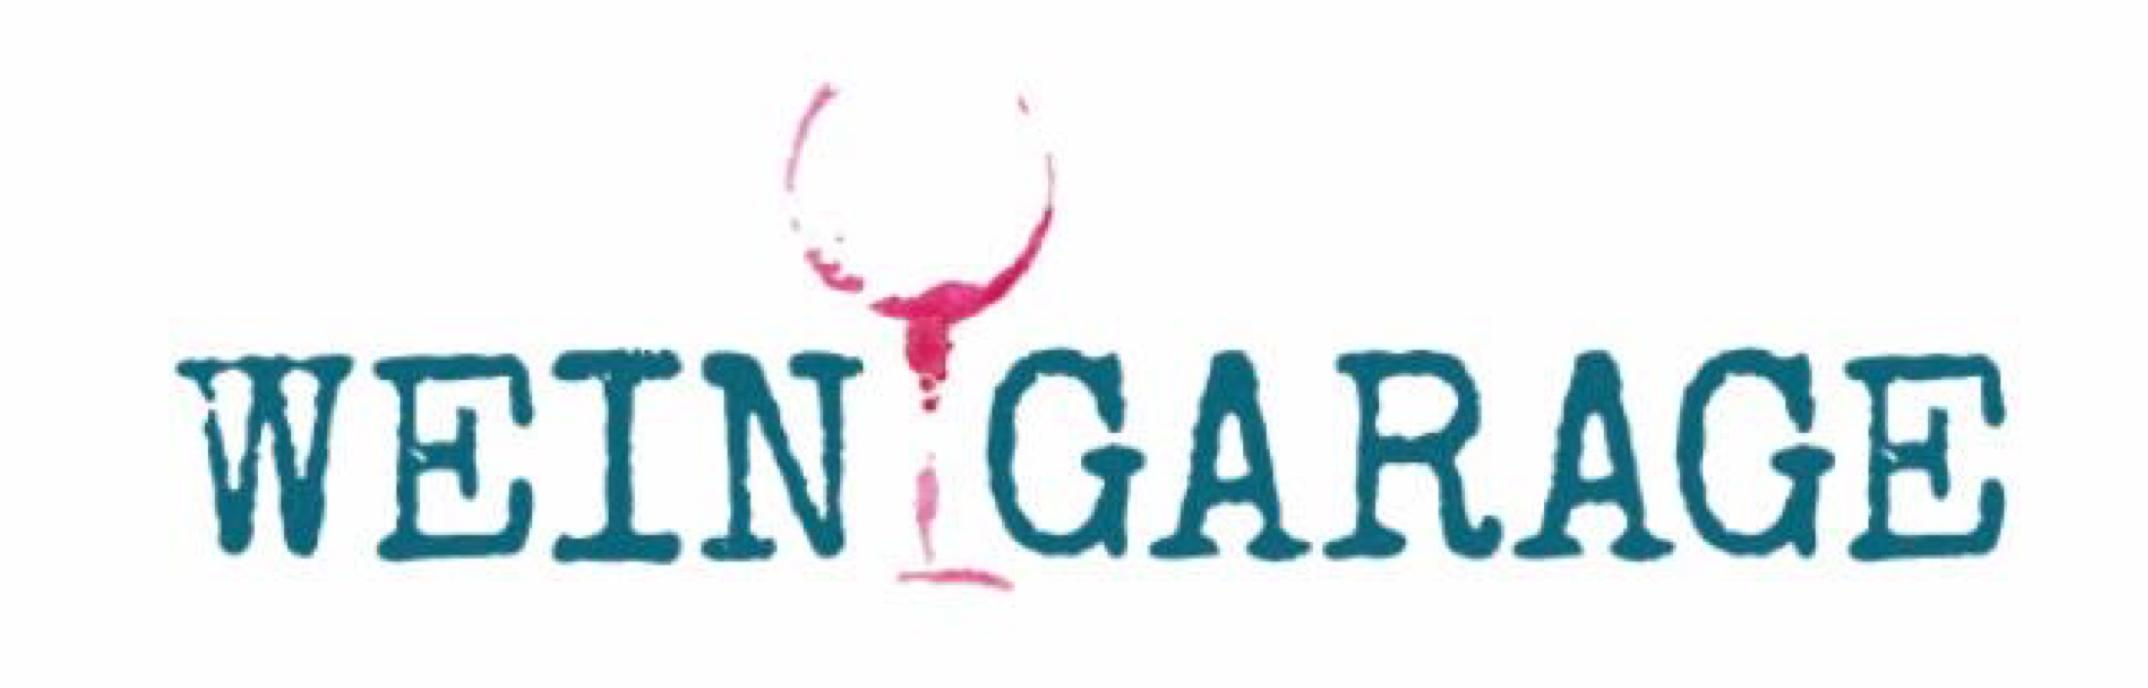 Neues aus der Weingarage